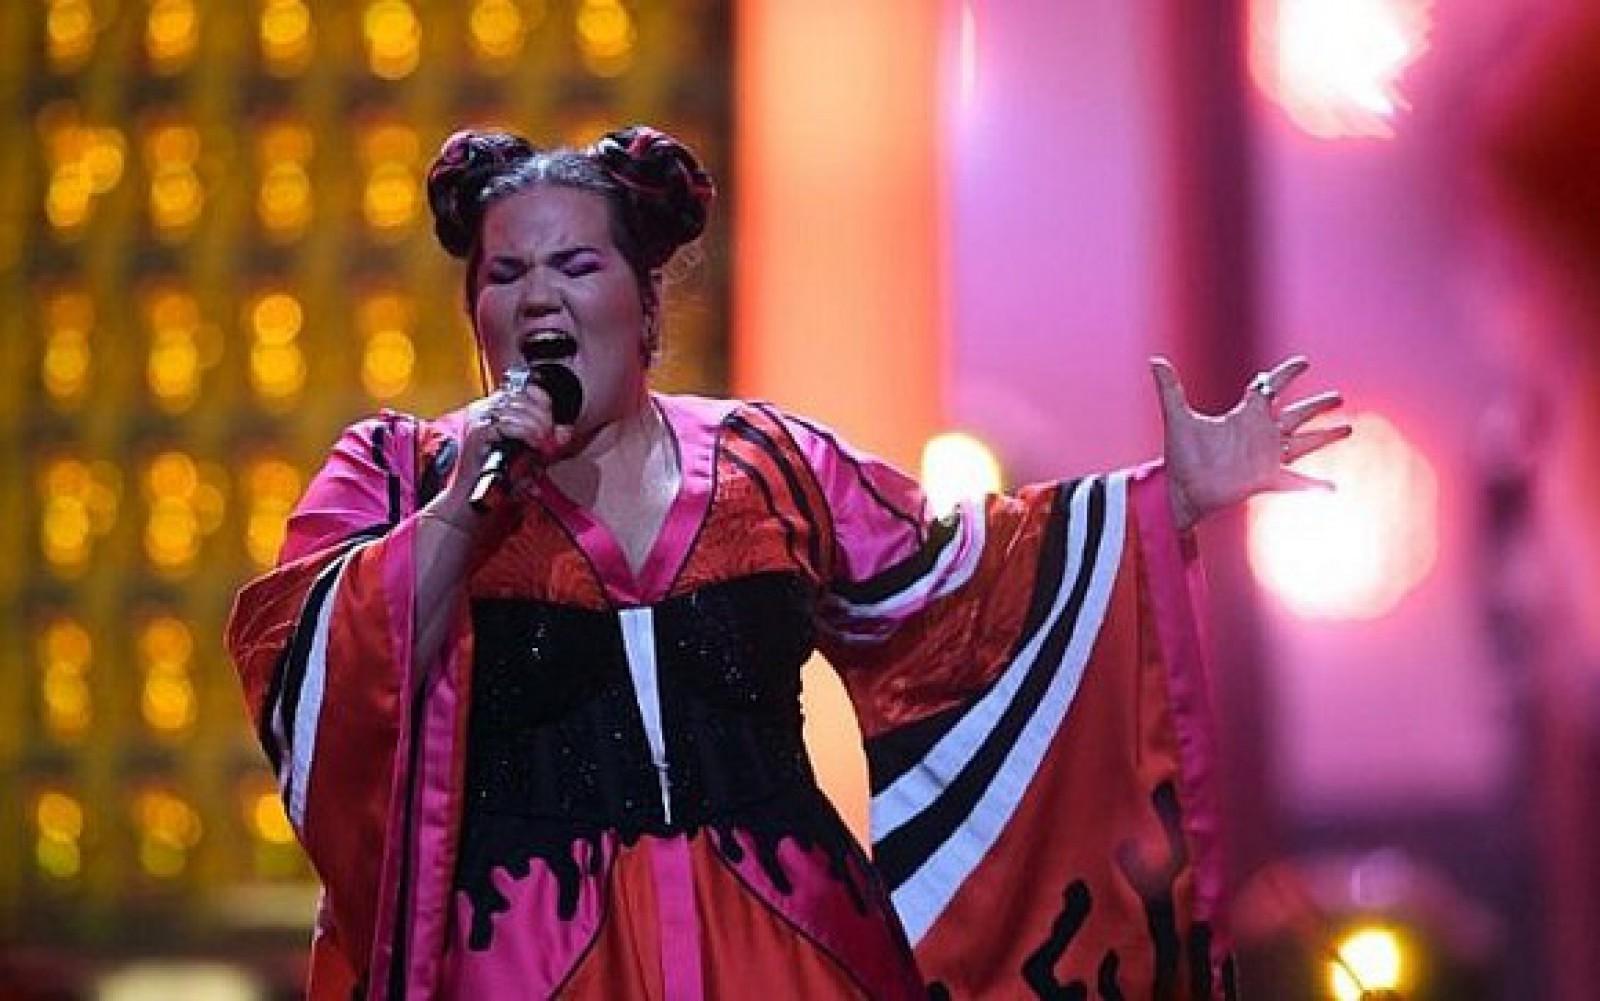 Cine este Netta Barzilai, câștigătoarea Eurovision 2018